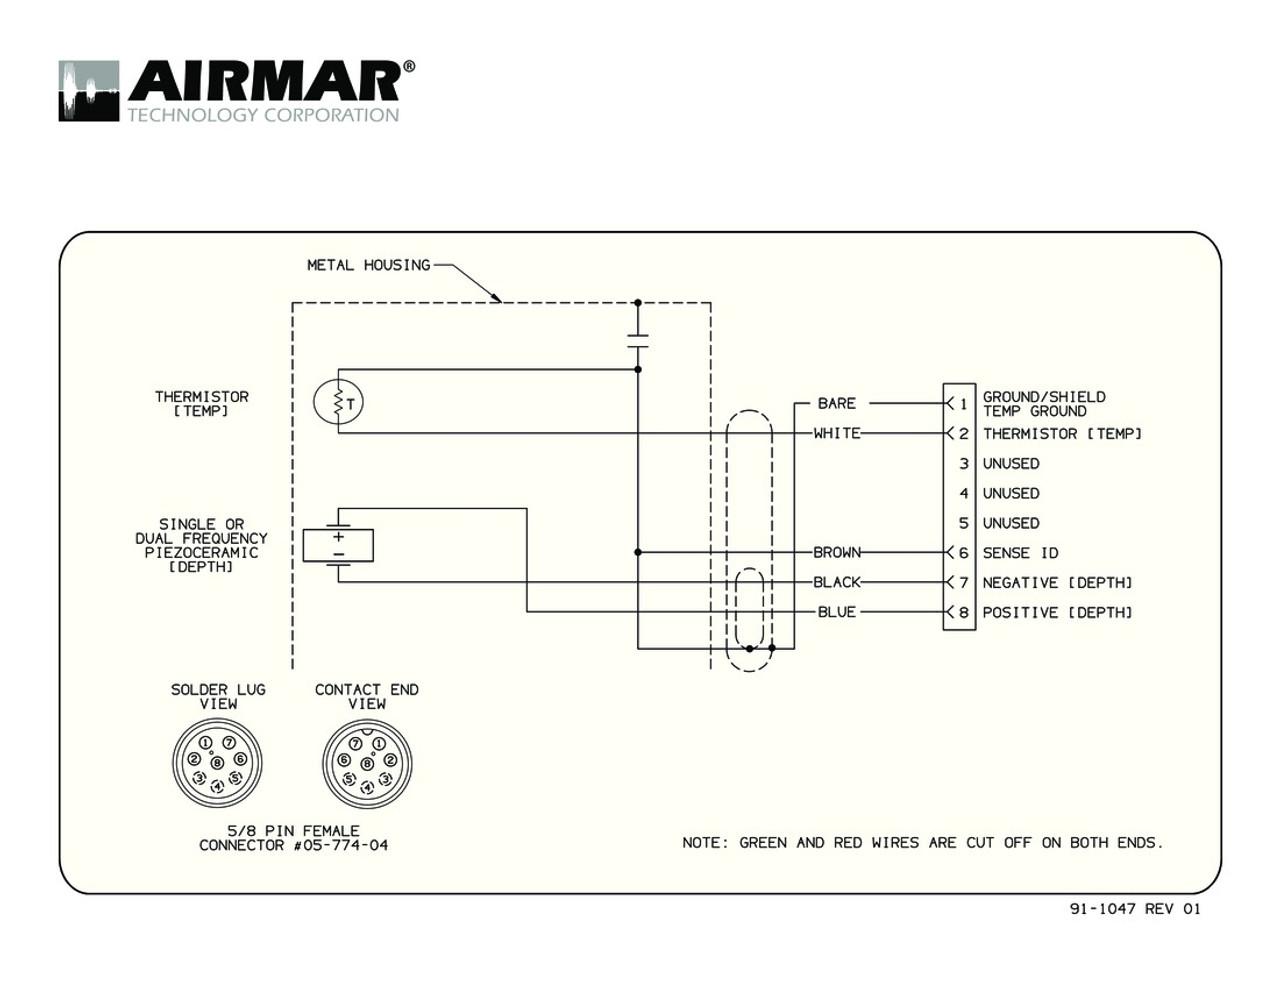 airmar wiring diagram garmin b117 8 pin d t blue bottle marine Airmar Transducer Wiring depth temperature b117 transducers with garmin 8 pin connector